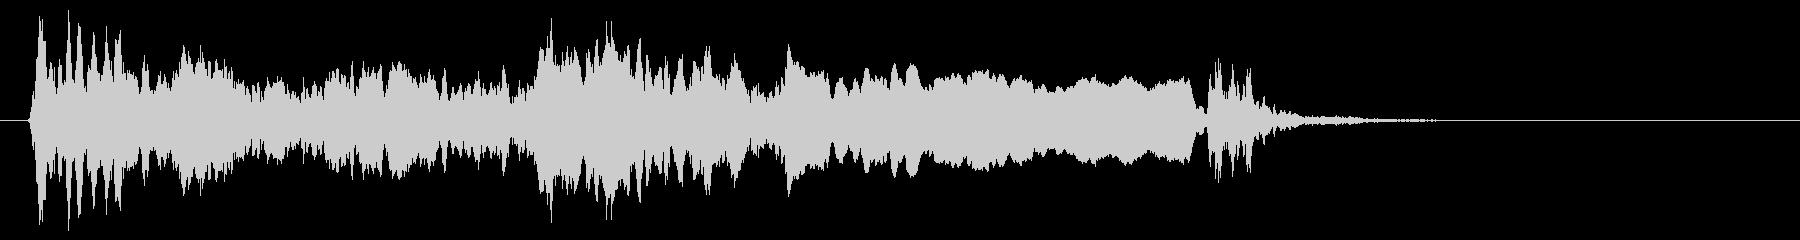 蒸気機関車の汽whiの未再生の波形